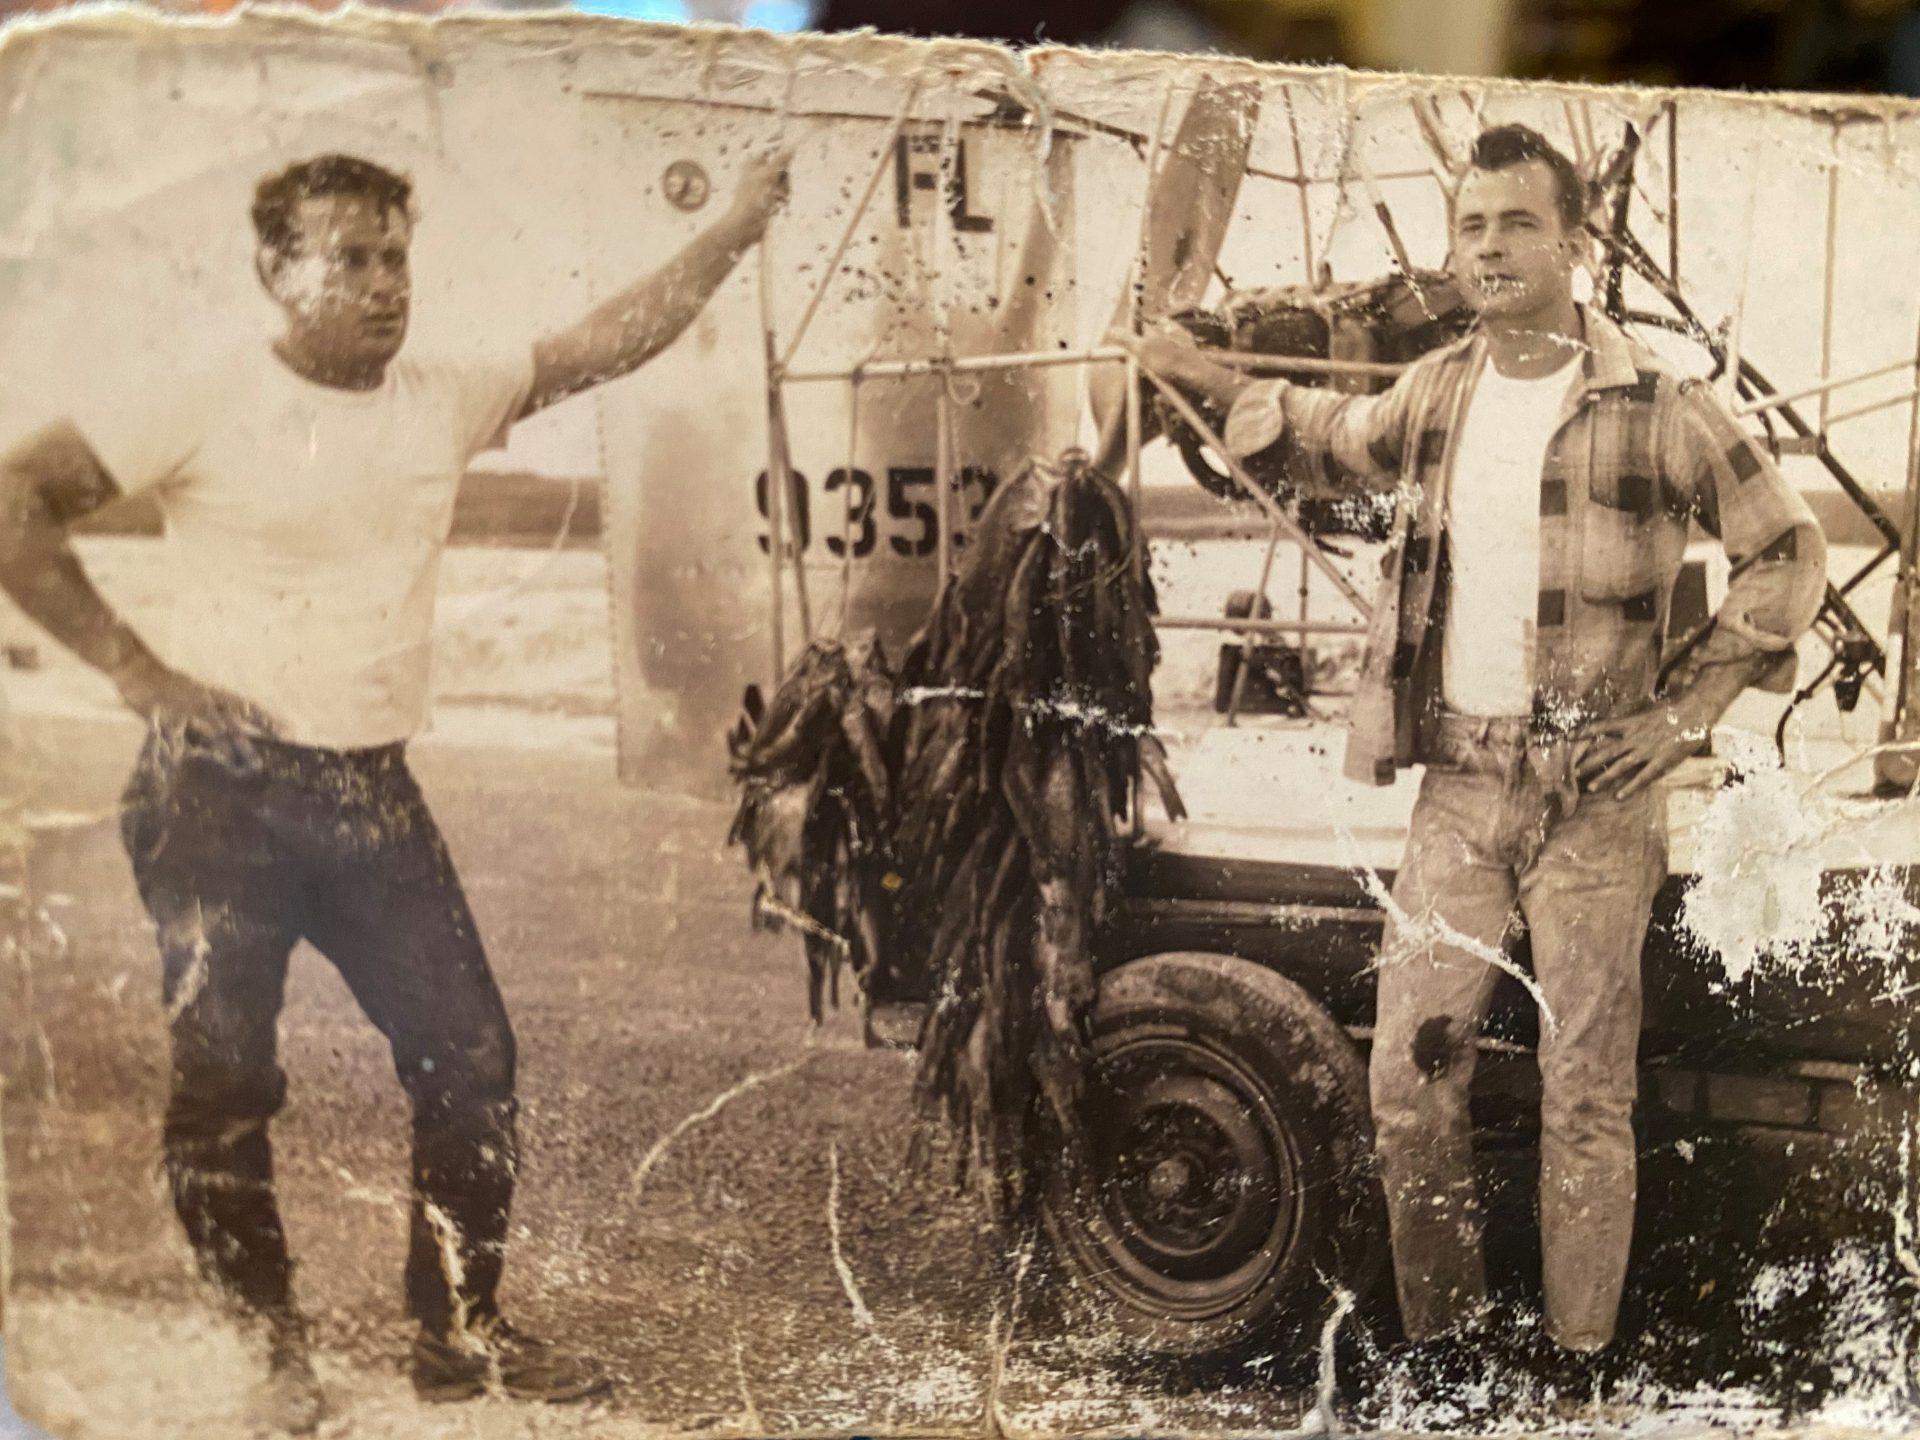 Bobby and Carl Hurst? giant stringer of fish